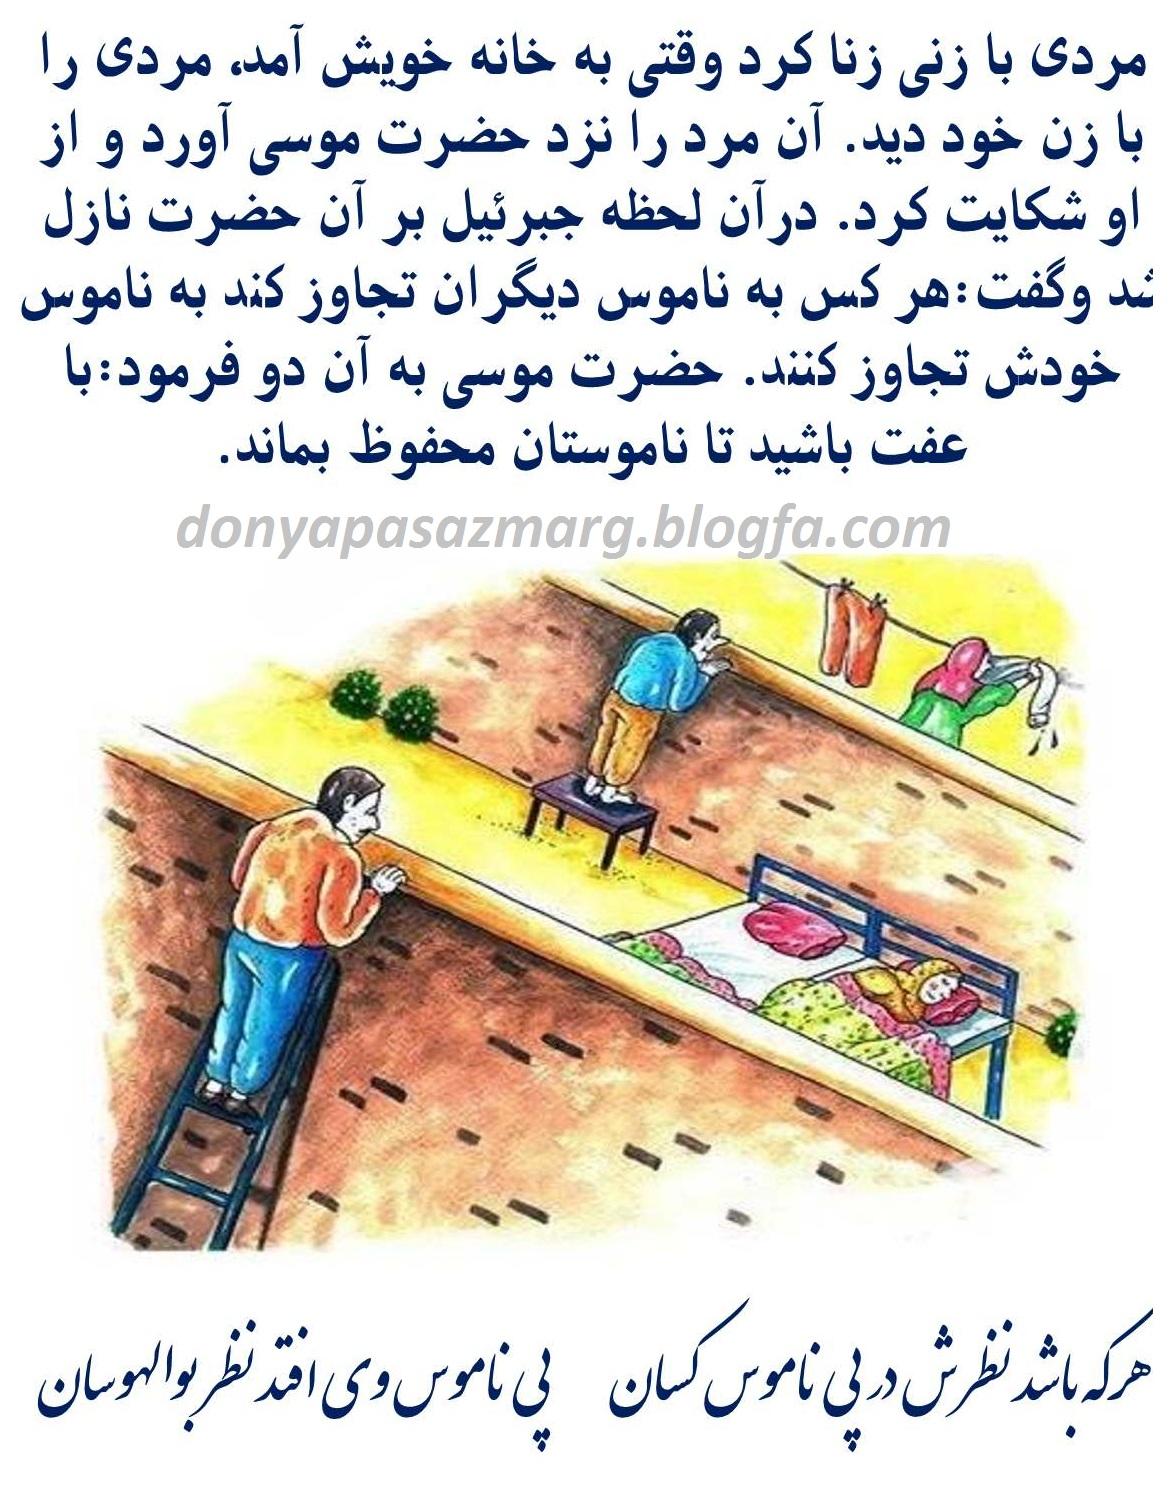 http://s3.picofile.com/file/8217968726/5yec_sssssssssssssssssss1.jpg